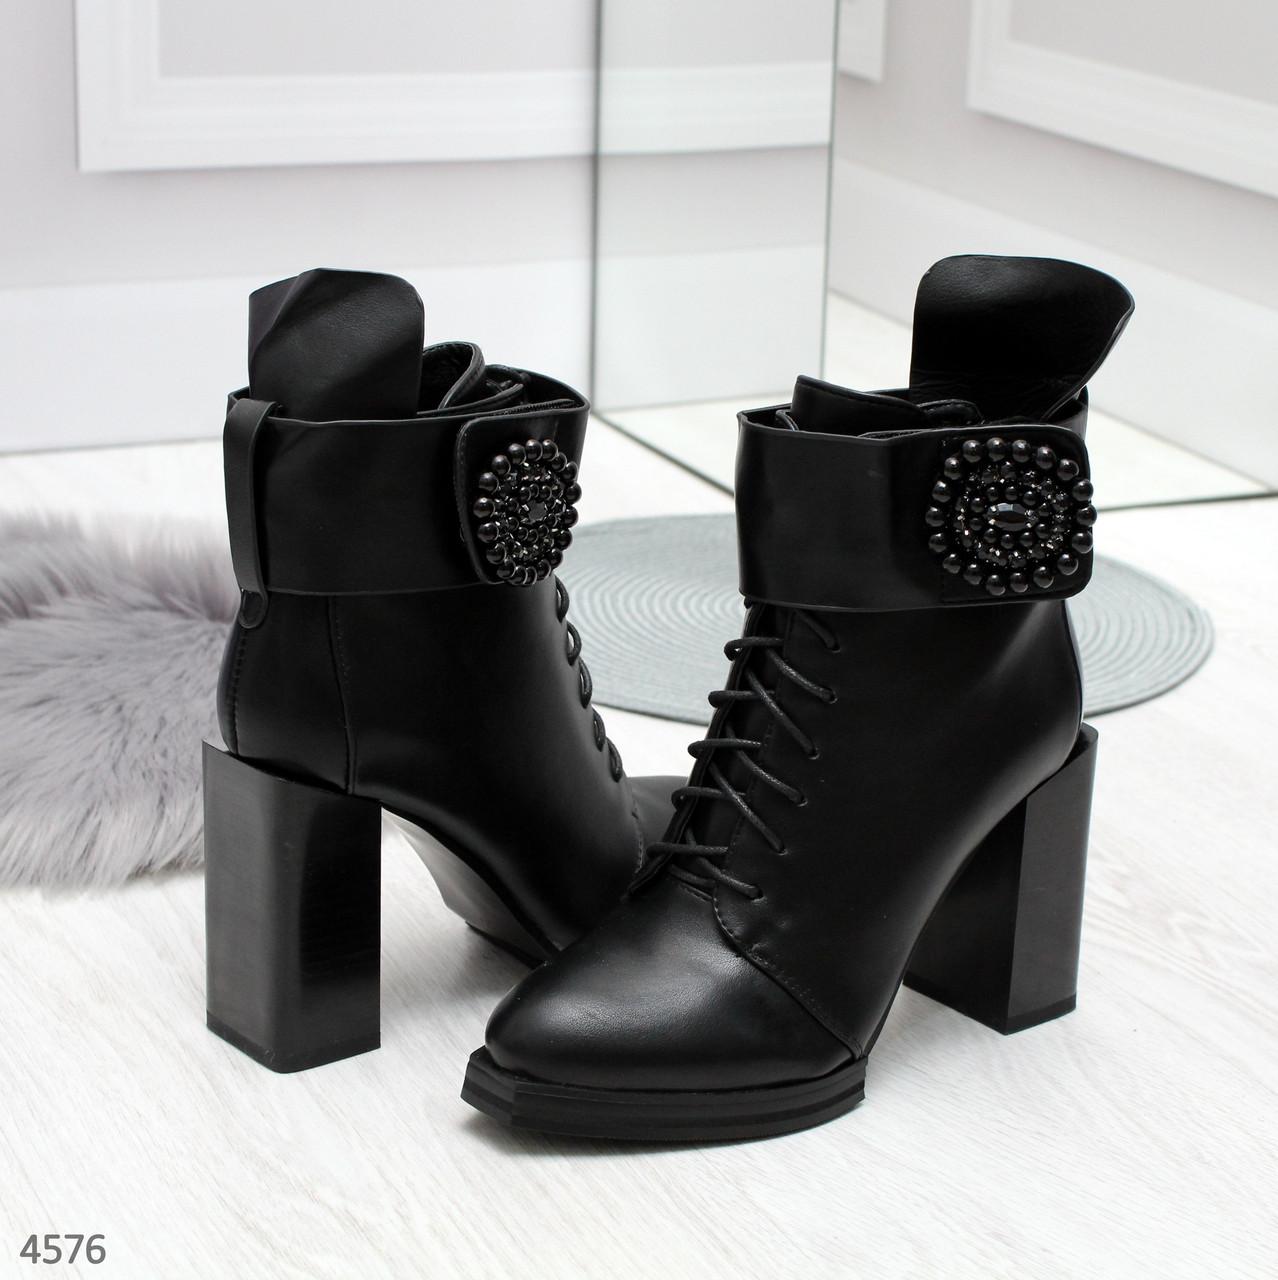 Ботинки ботильоны женские  демисезонные на толстом каблуке с брошью и ремешком черные